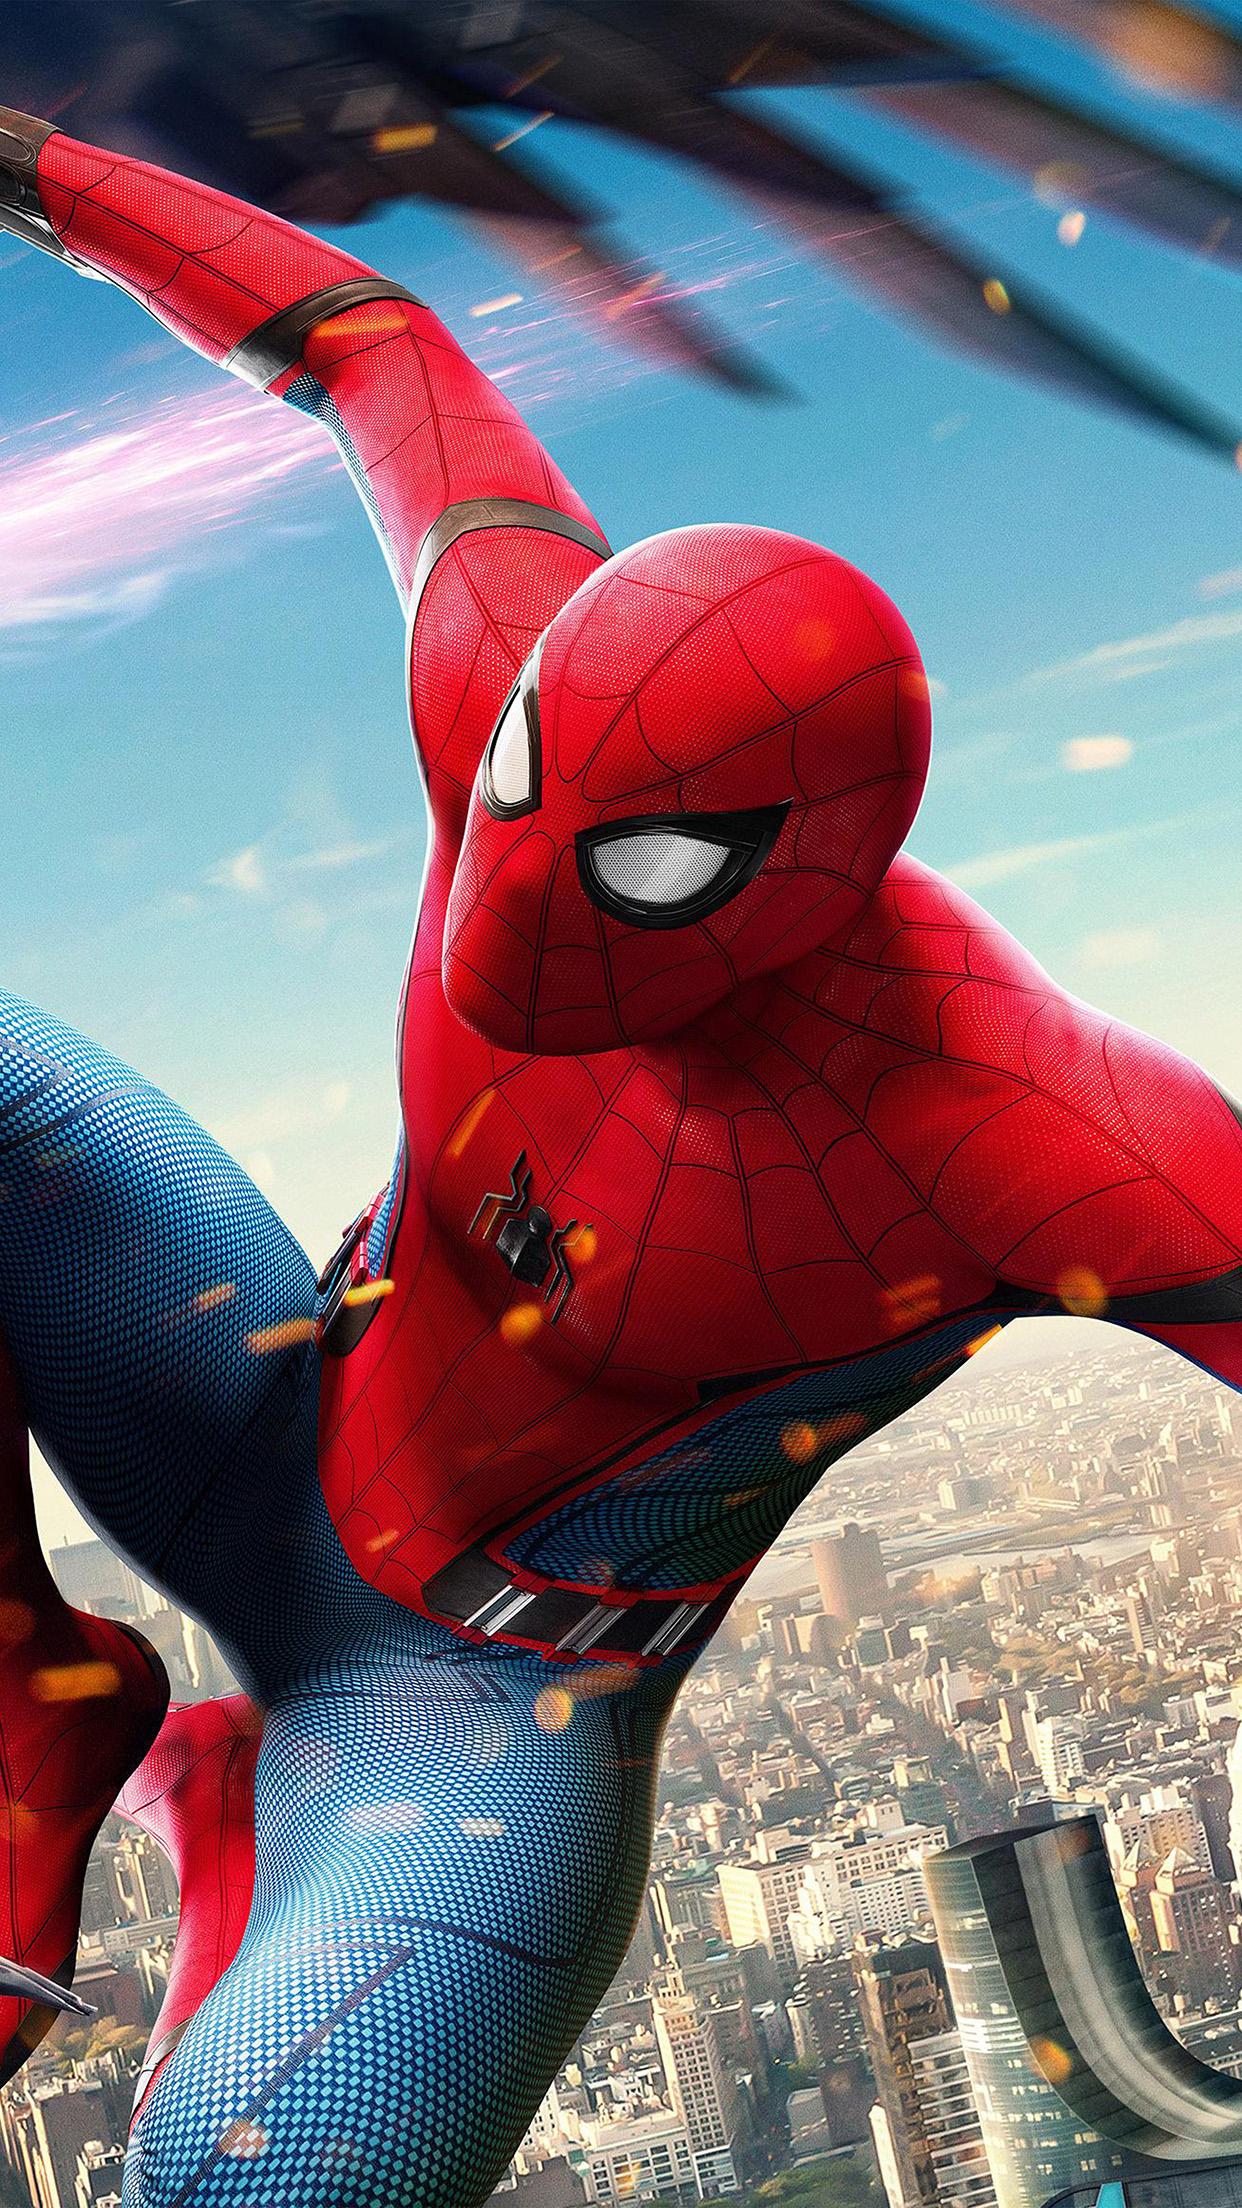 Car Wallpaper Be77 Spiderman Hero Marvel Avengers Art Illustration Wallpaper